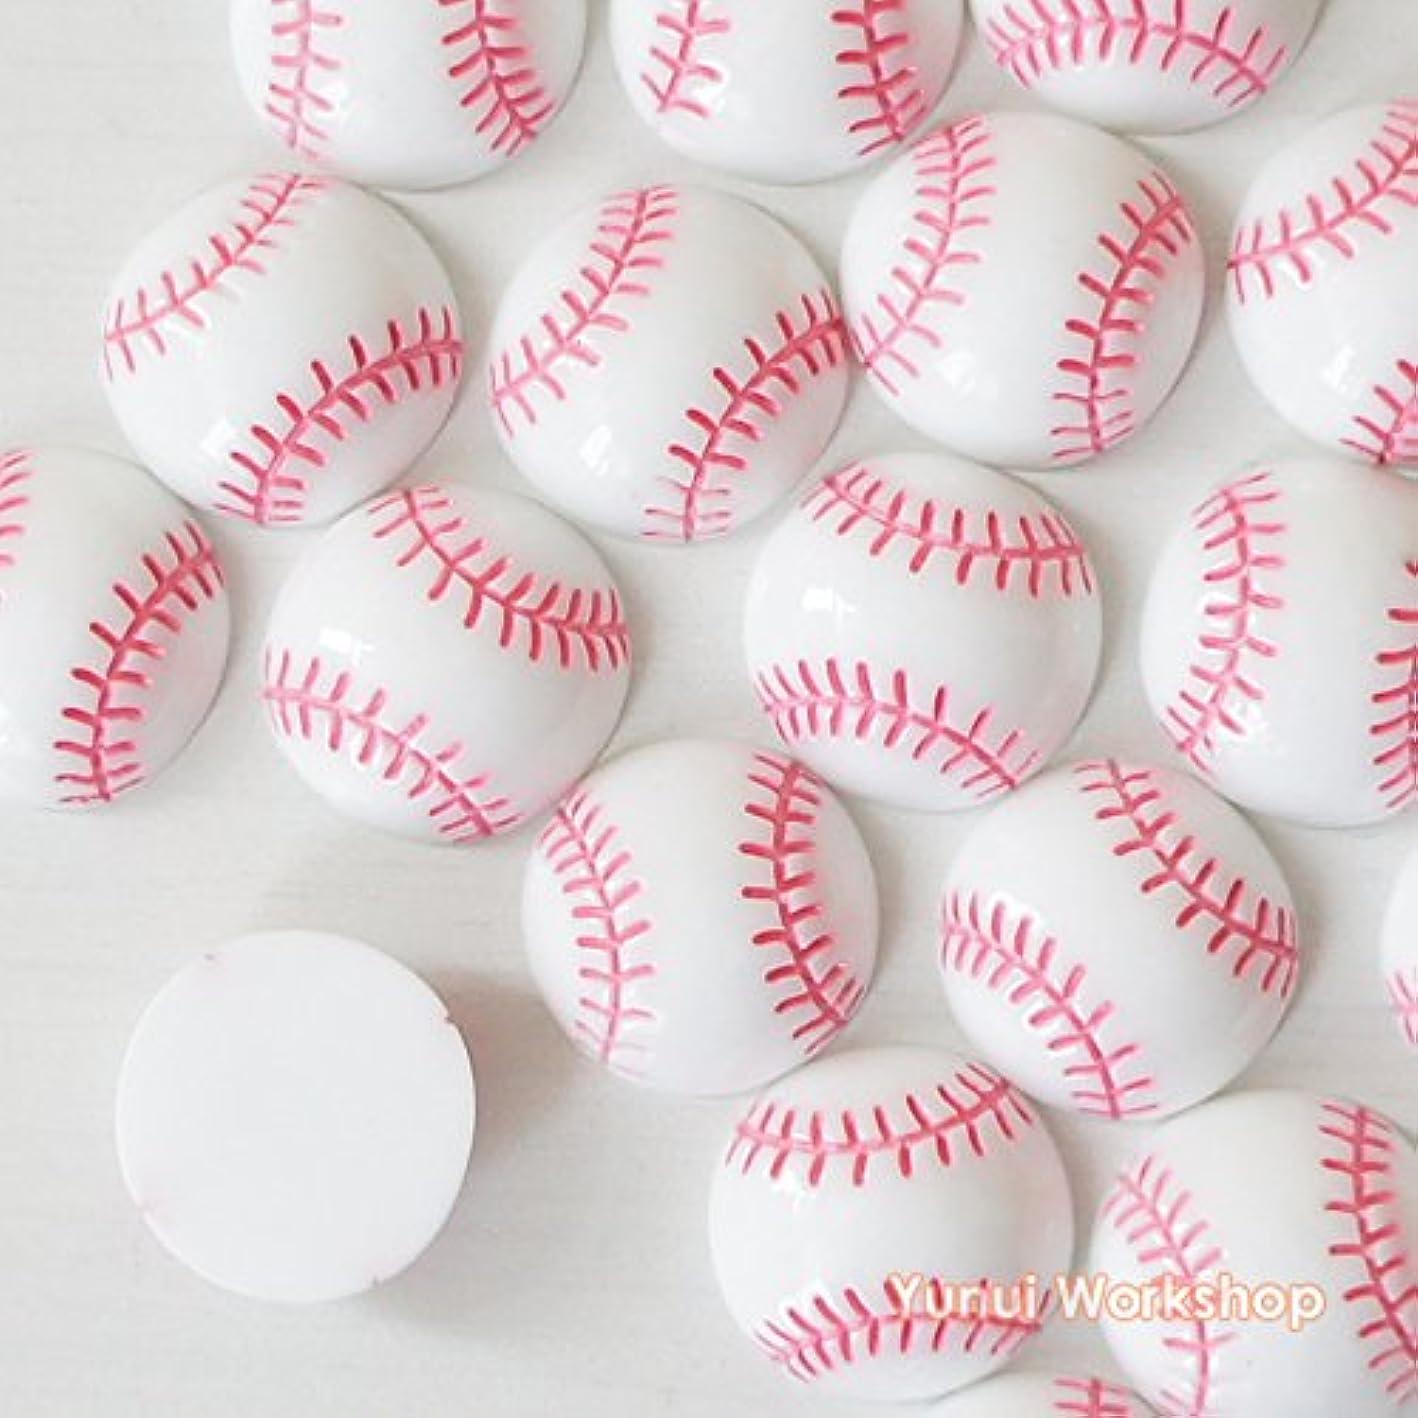 無一文現実的前に【野球ボール?6個】24mm x 24mm?デコ用?デコパーツ?カボション?レジン?手作り?手芸?DIY?材料?小物?装飾用